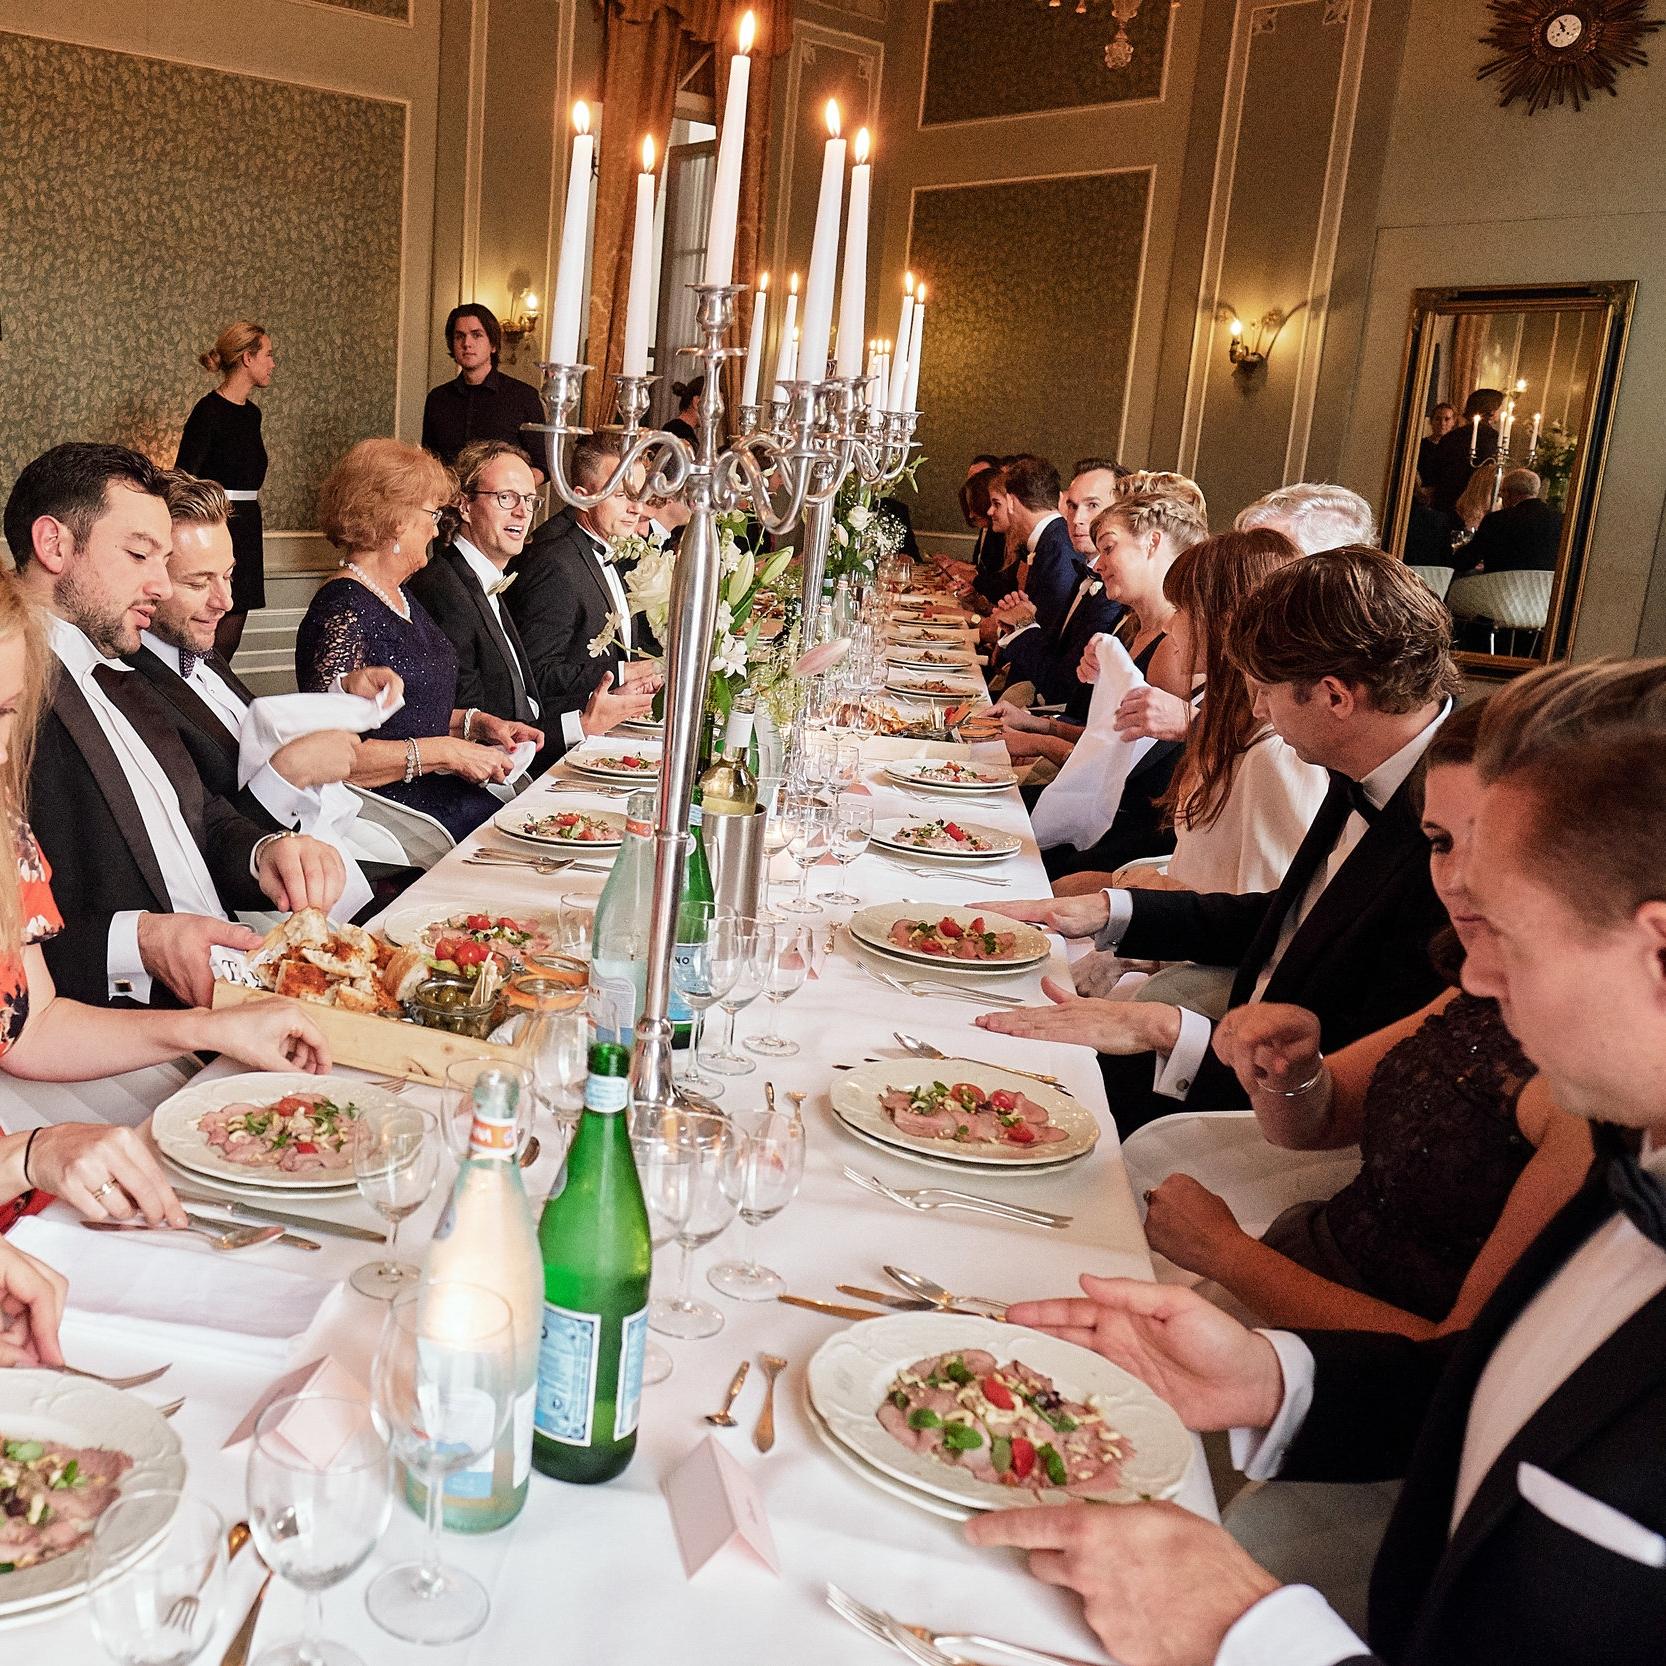 Een sit down dinner is er voor unieke gelegenheden. Wij zorgen voor de tafels, stoelen en bediening. De chef kok zorgt voor de lekkerste sit down dinner gerechten.